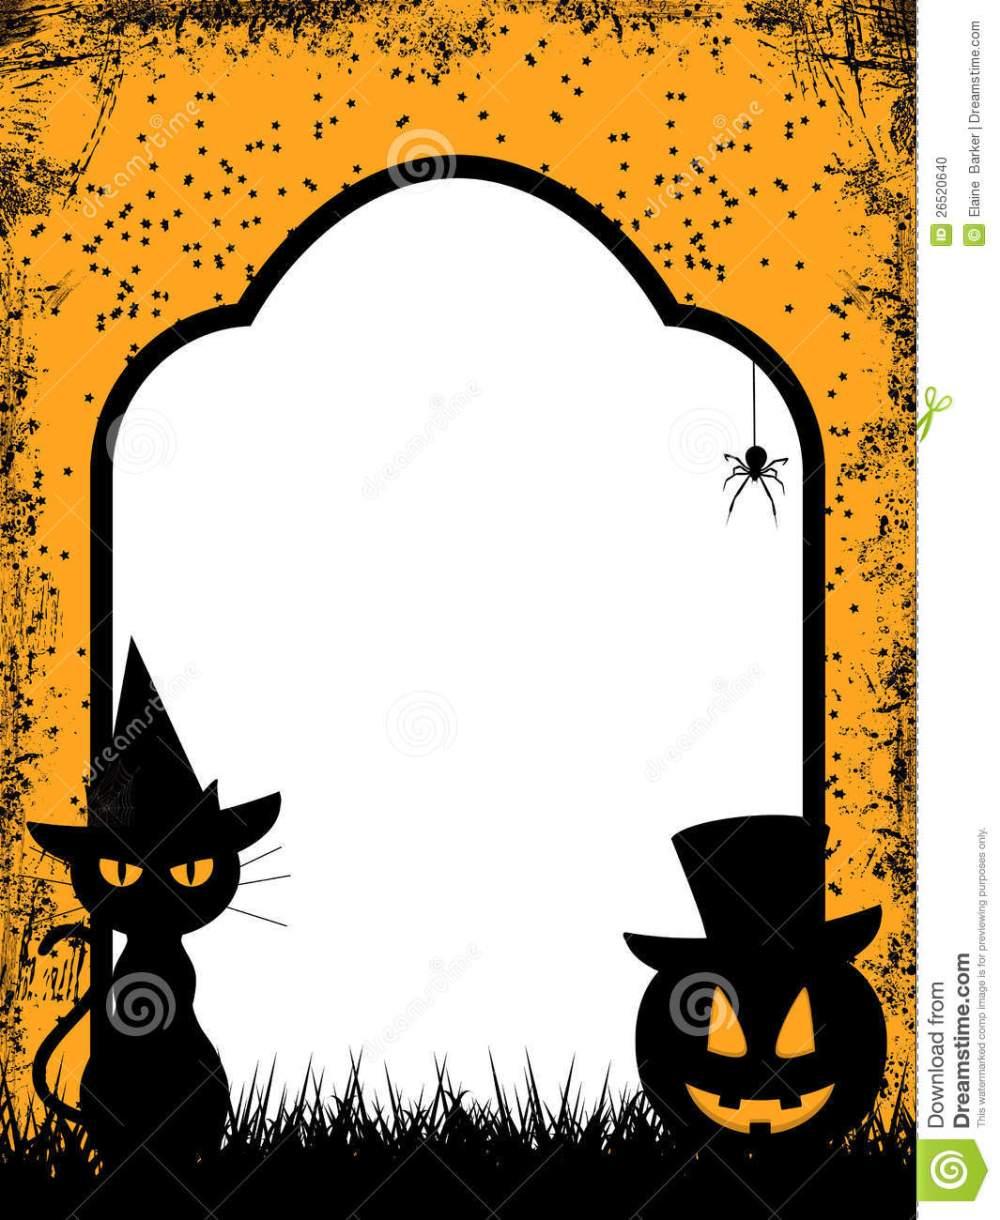 medium resolution of border clipart halloween border clipart halloween border clipart